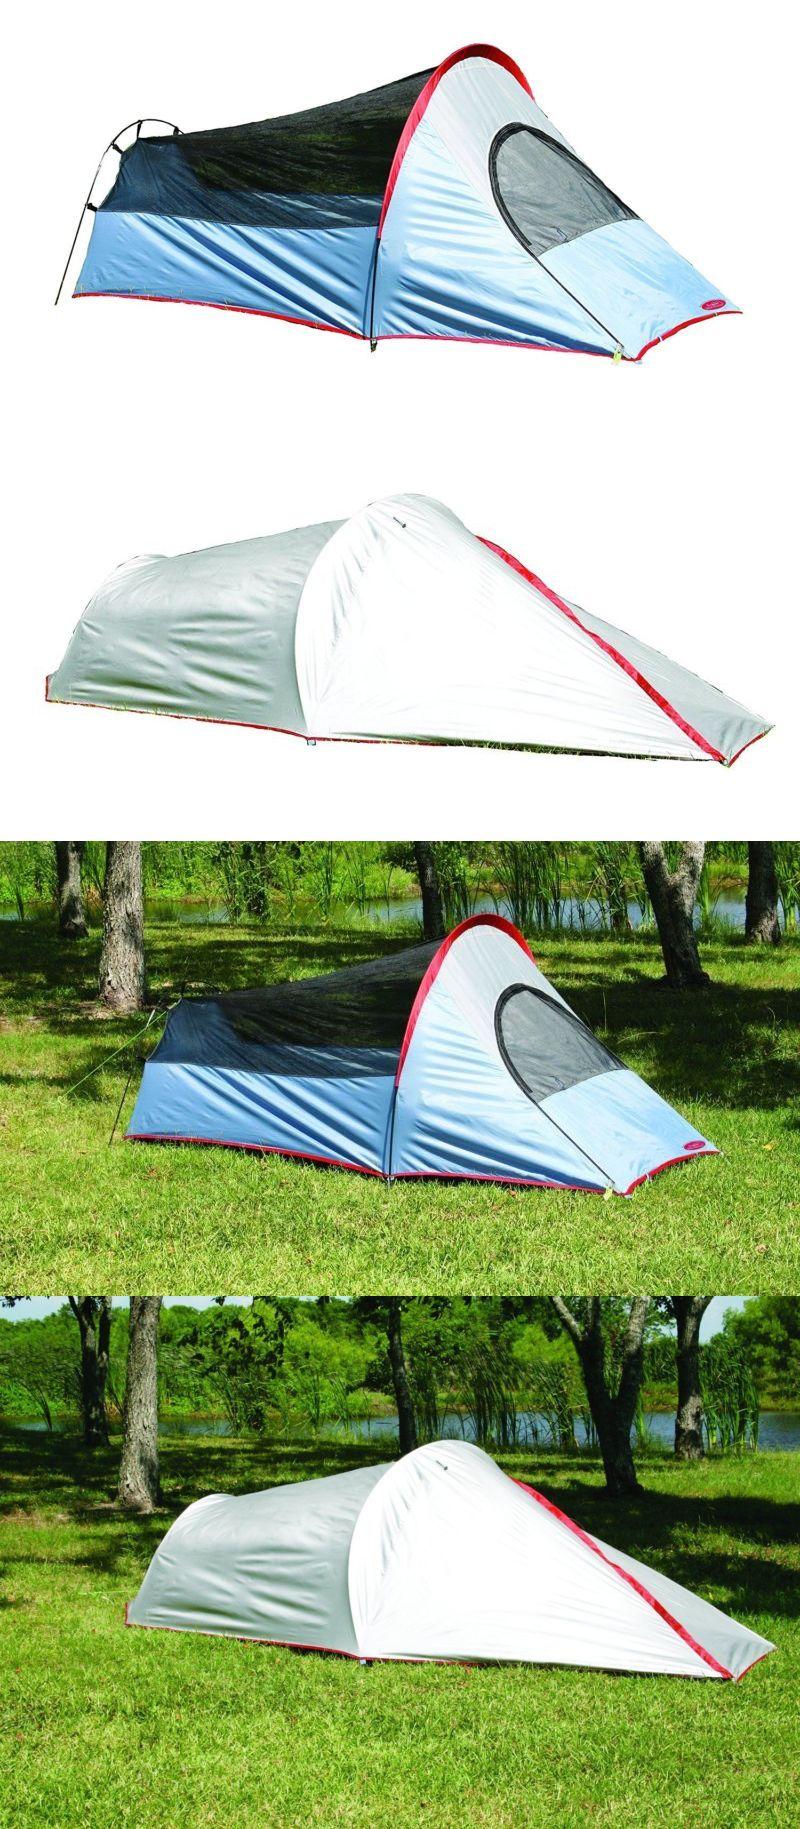 Tents 179010 Texsport Saguaro Bivy Shelter Tent -u003e BUY IT NOW ONLY $44.62 & Tents 179010: Texsport Saguaro Bivy Shelter Tent -u003e BUY IT NOW ...